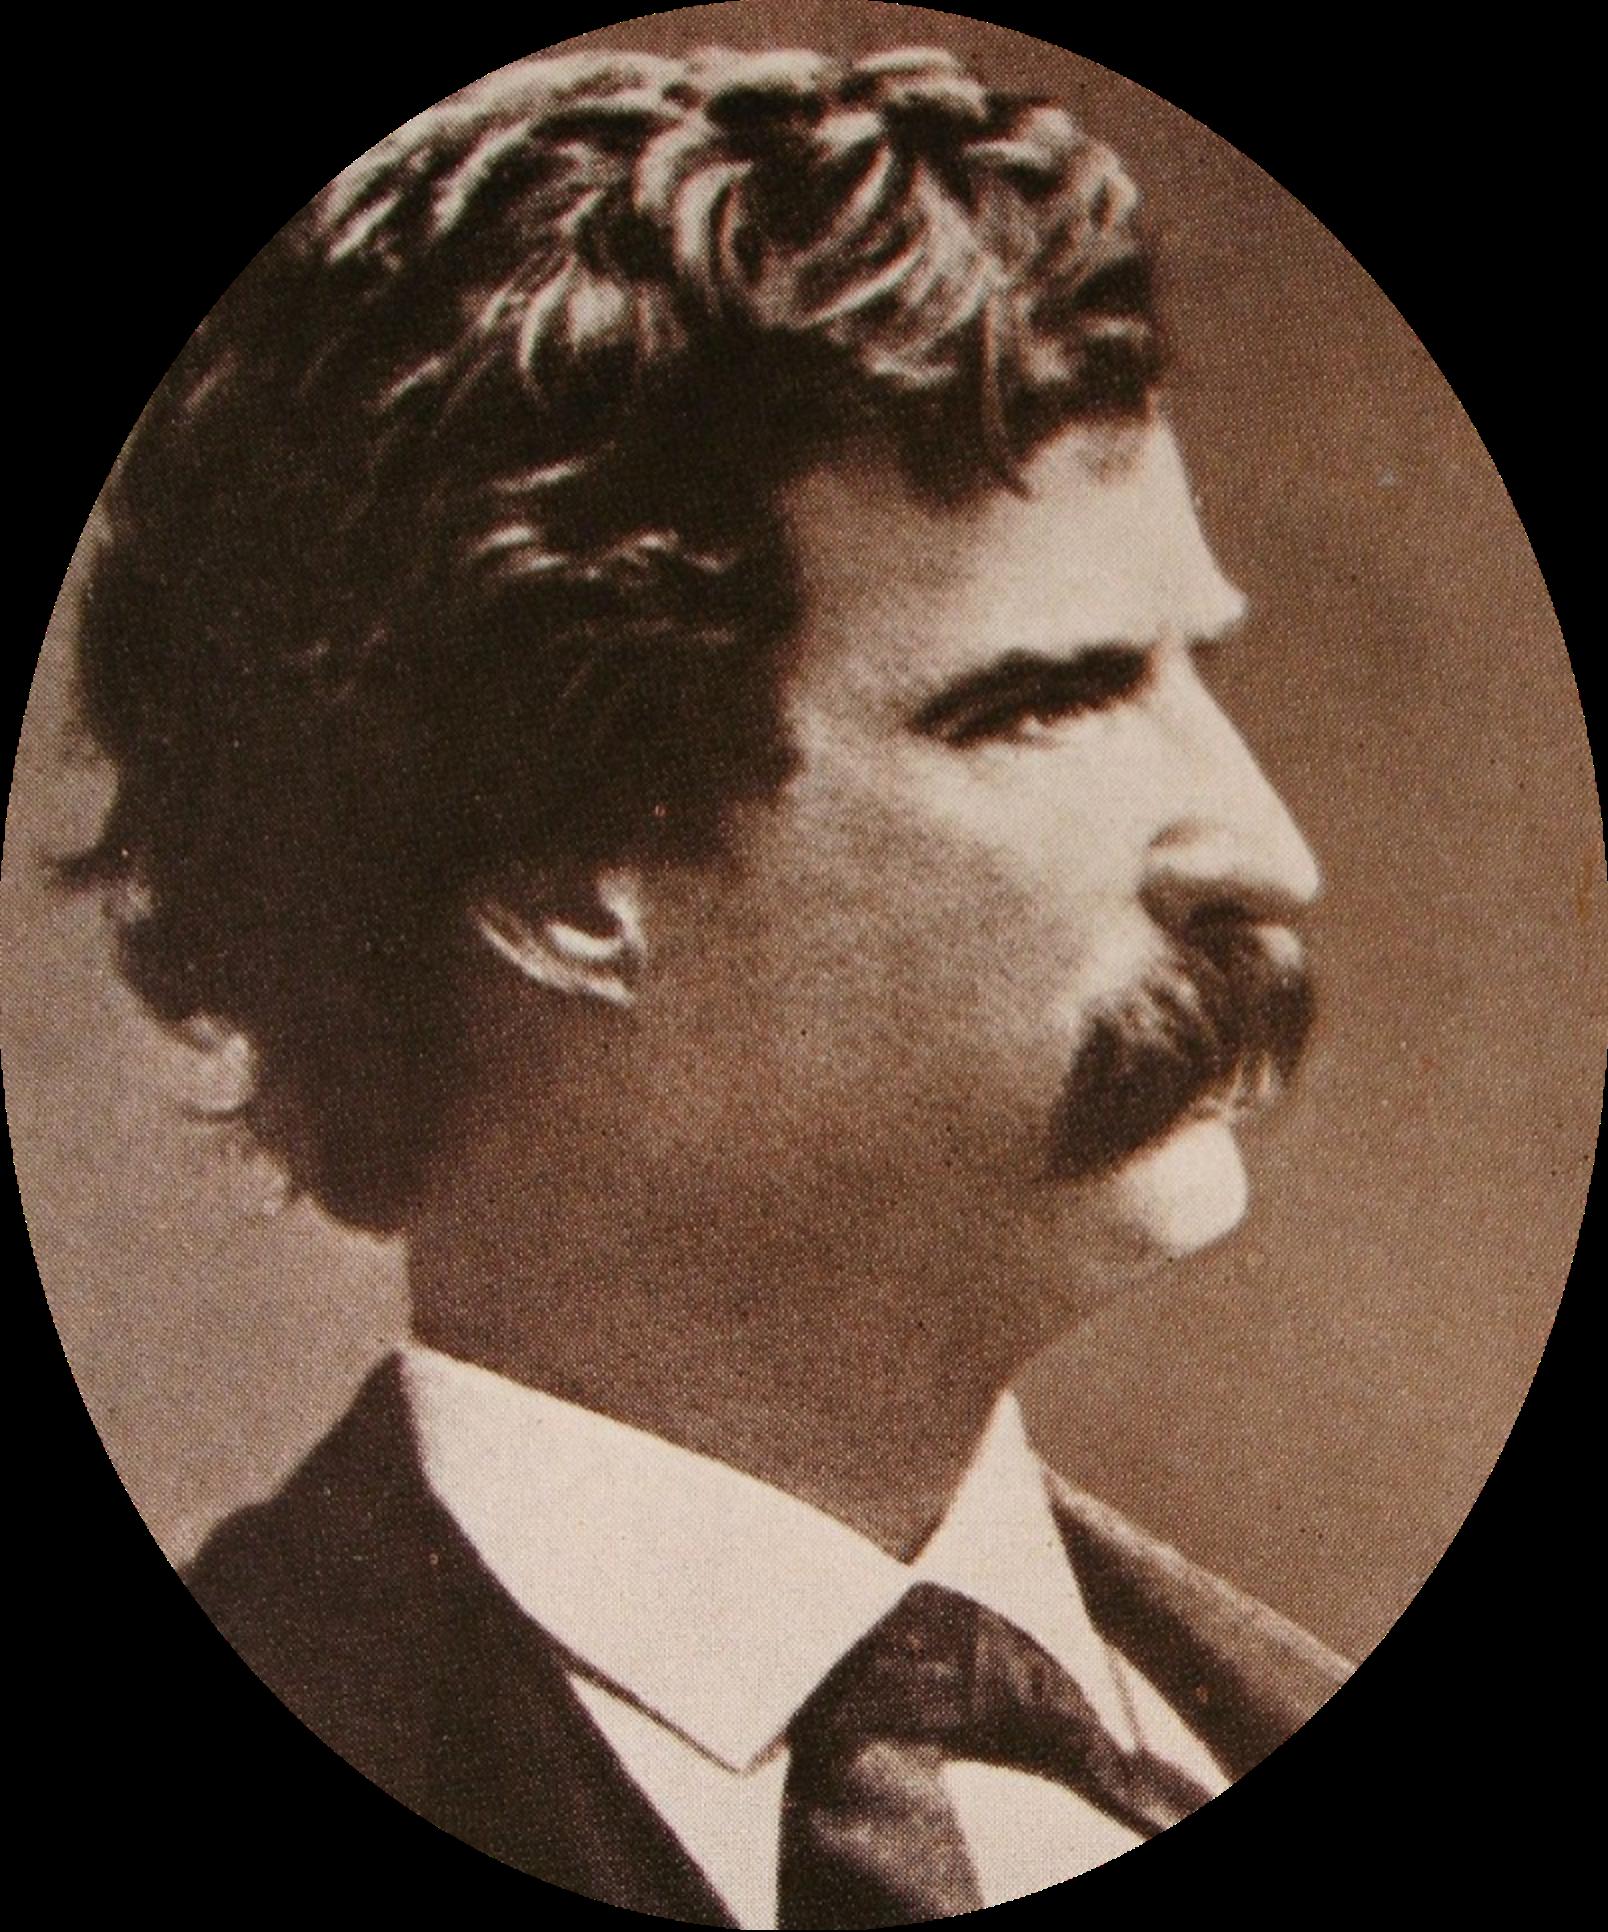 Марк Твен, wikimedia